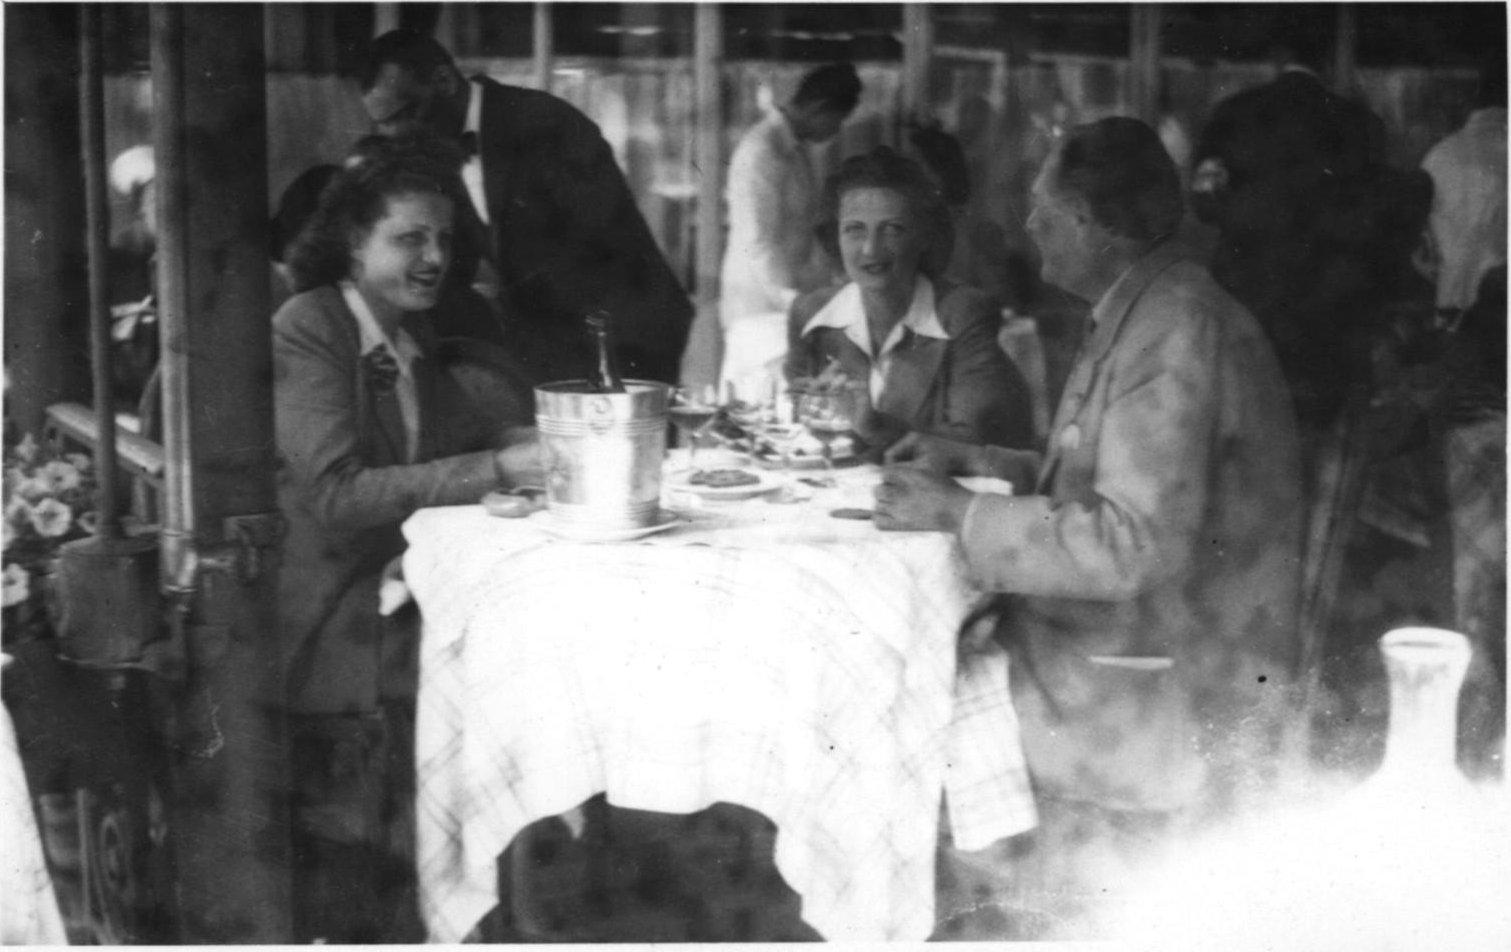 1943. Н.П.Рябушинский с двумя девушками в ресторане. Париж